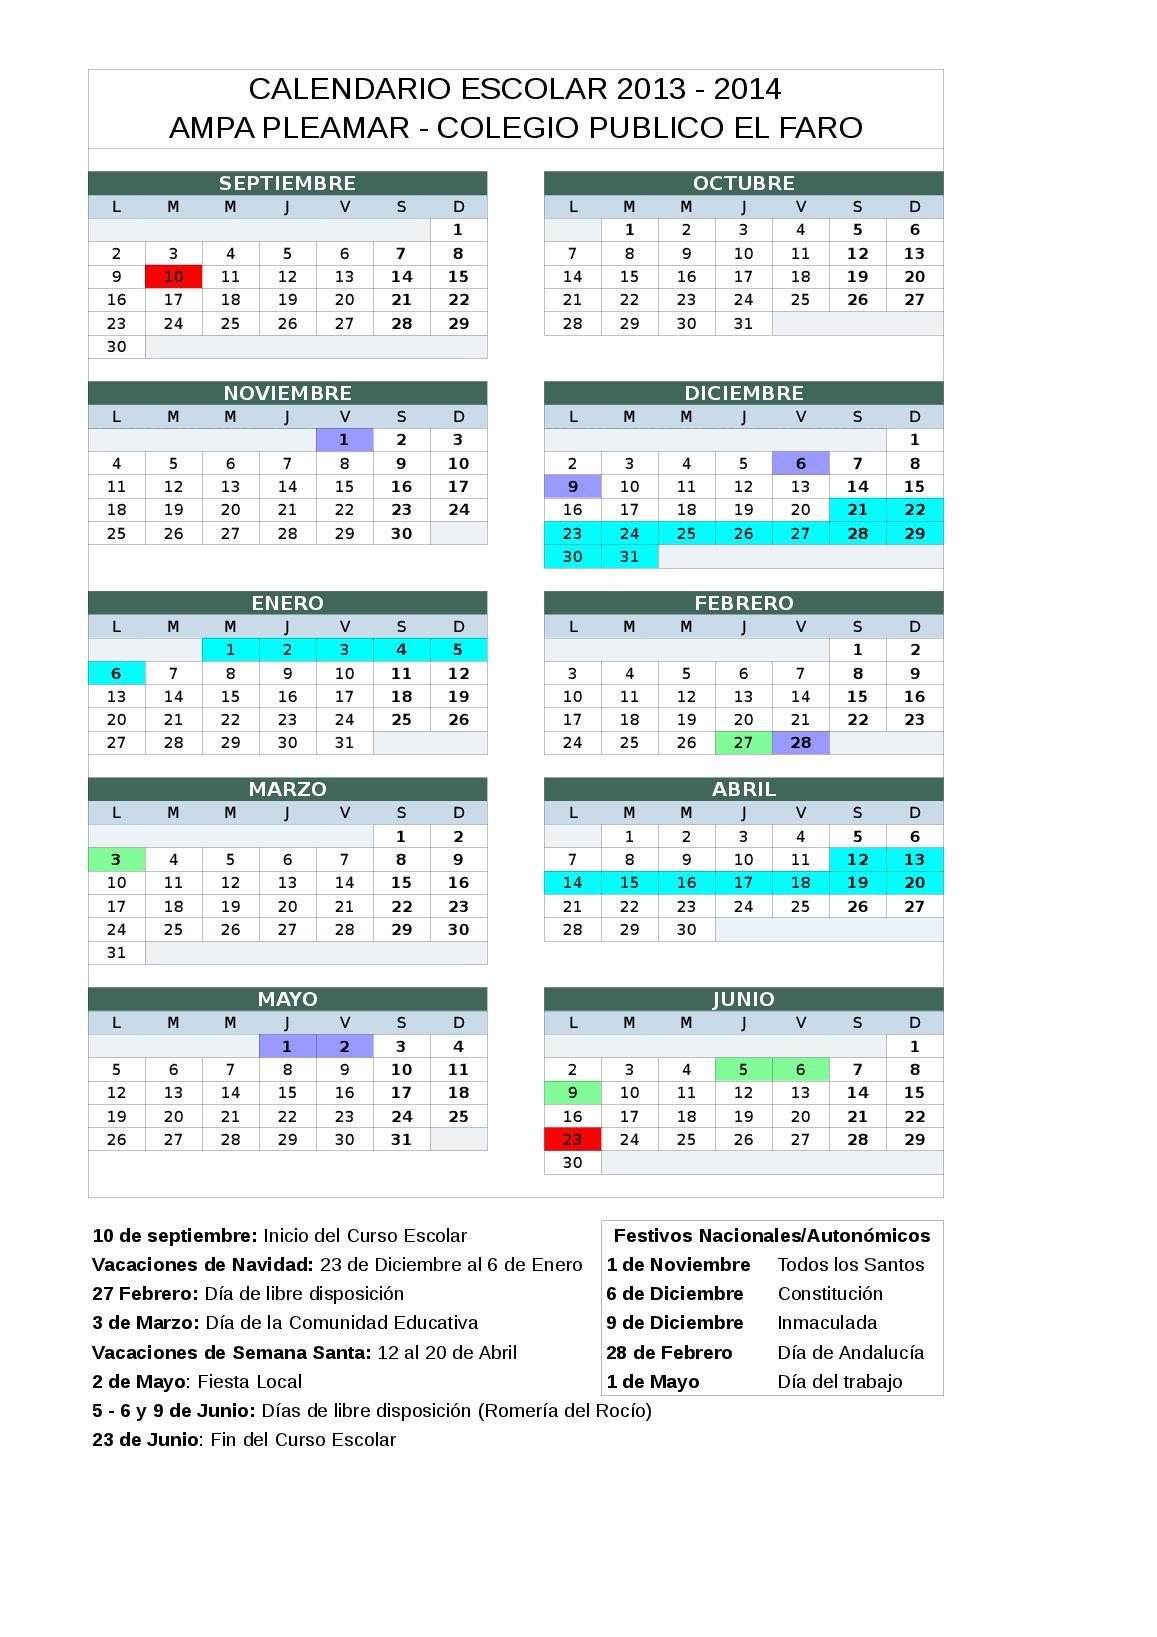 Calendario Escolar Huelva.Calendario Escolar 2013 2014 Ampa Pleamar